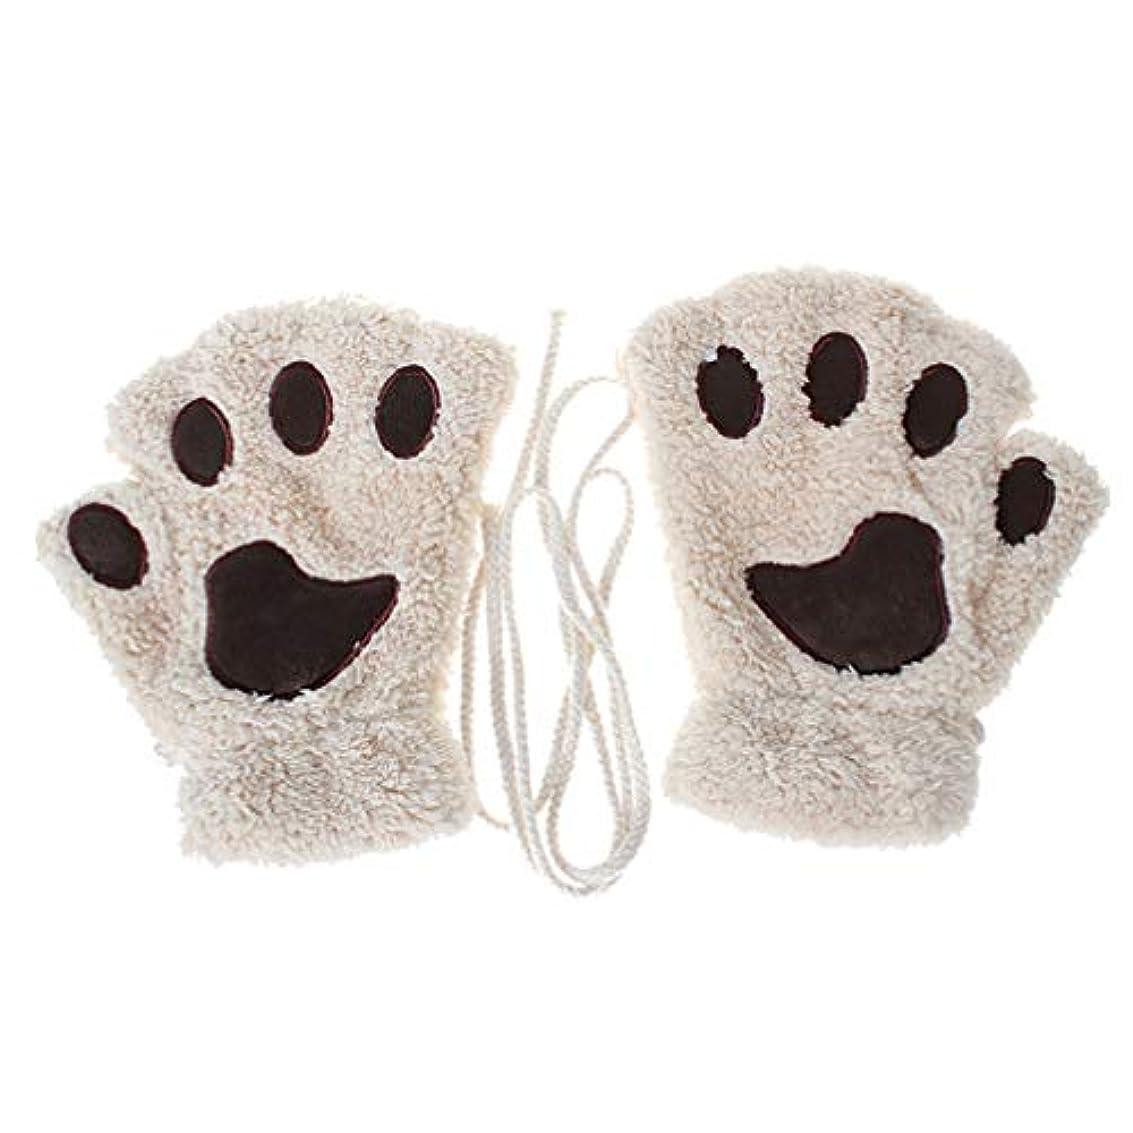 ラボシネウィ皿Toporchid 冬の厚く暖かいハーフフィンガーグローブかわいい女性のぬいぐるみ子猫の爪手袋